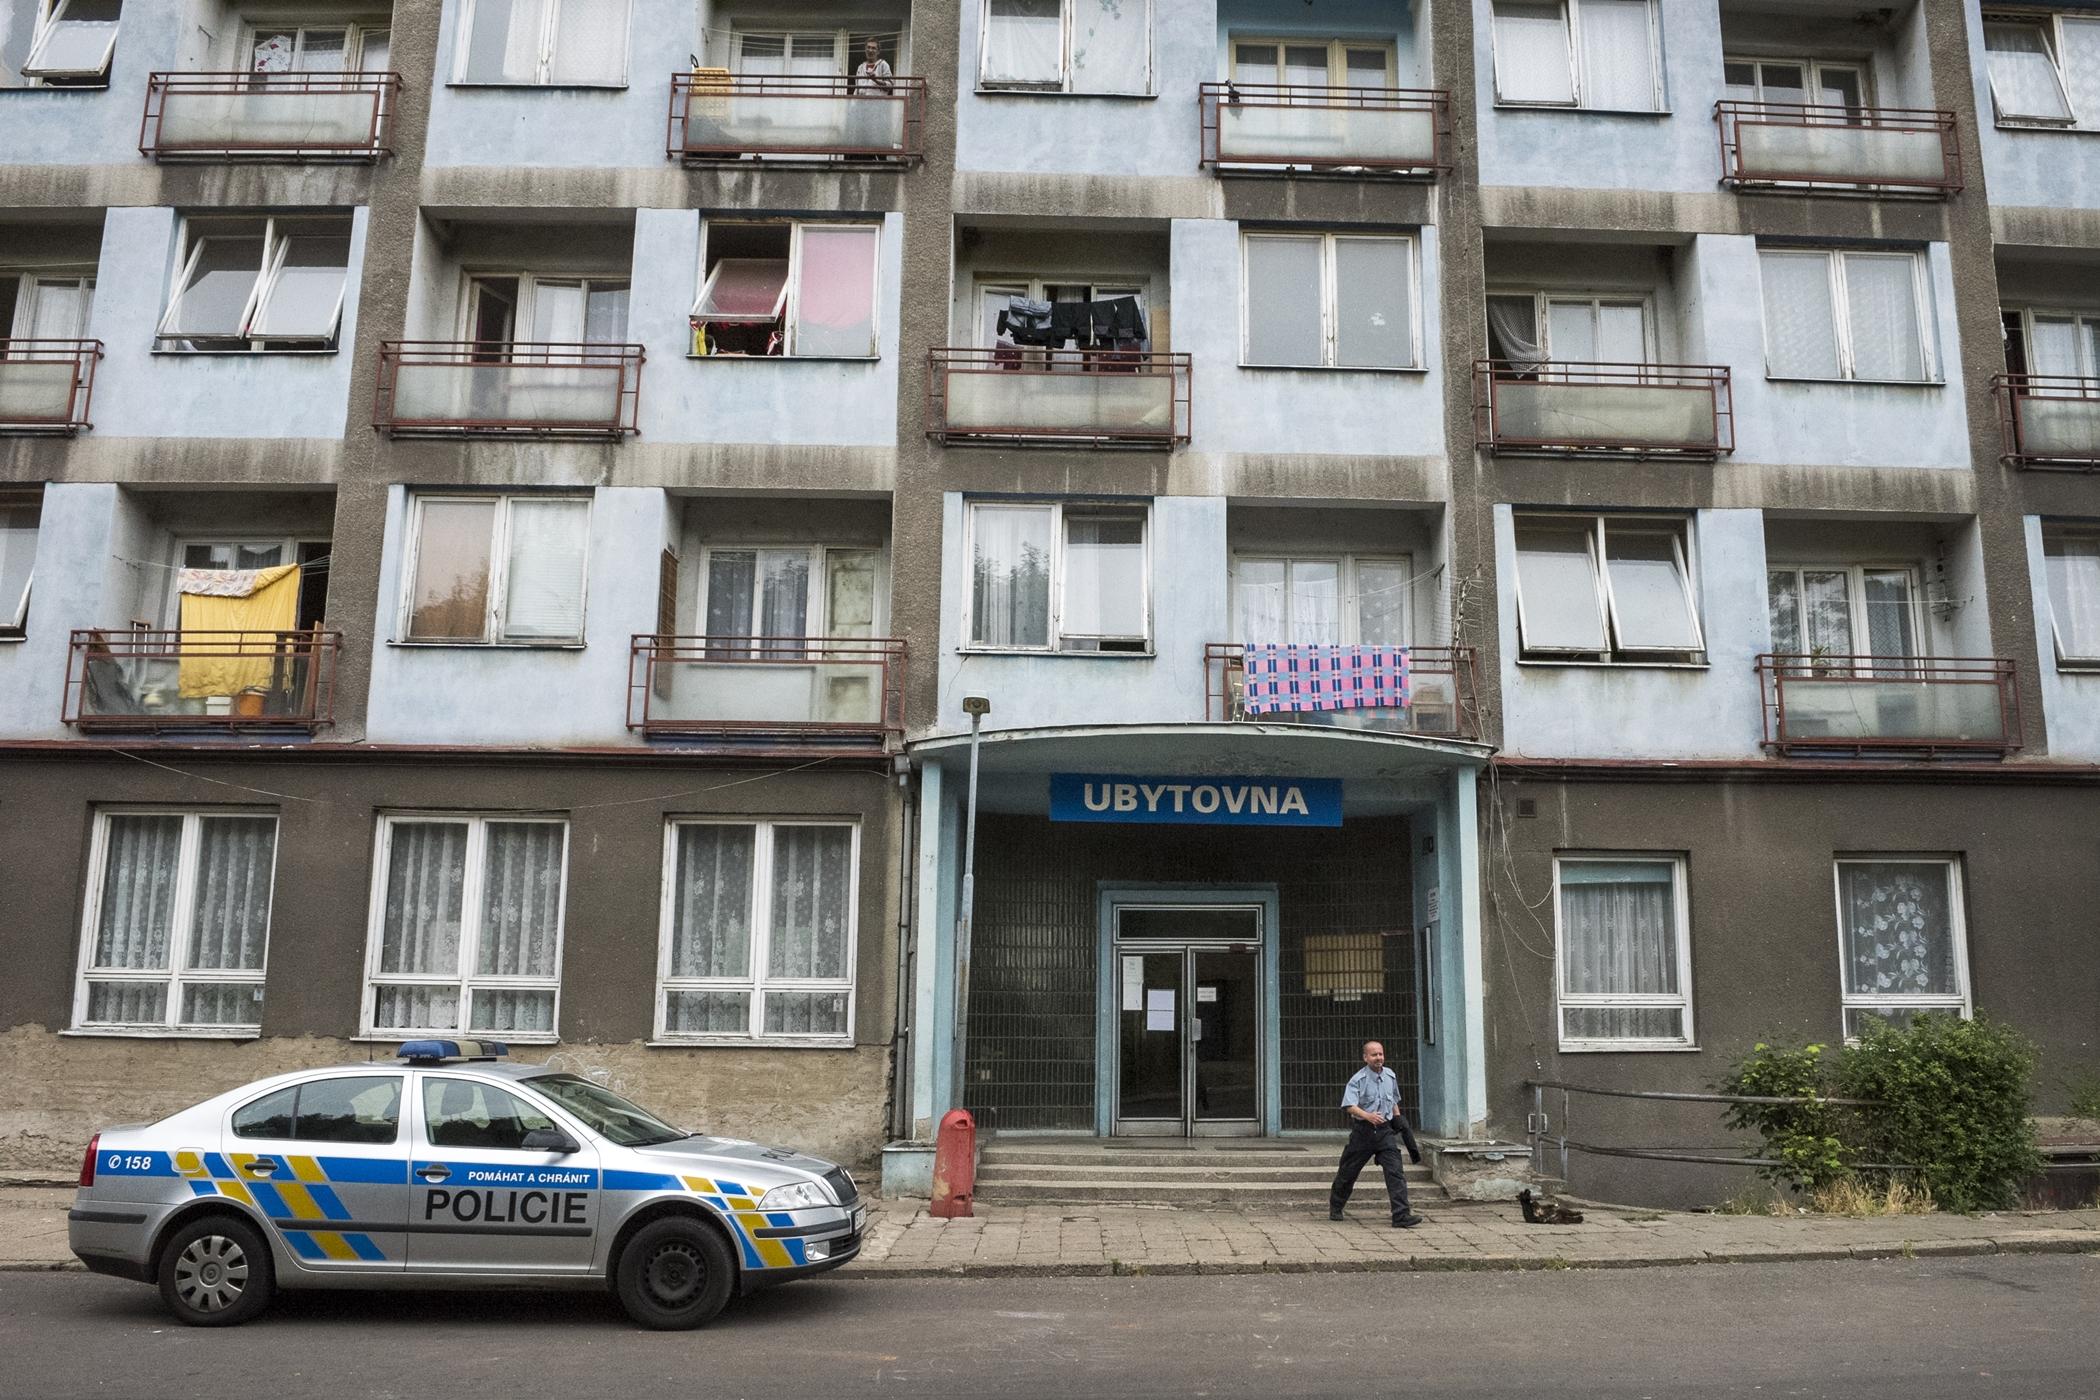 Takzvaná Modrá ubytovna, jedna ze dvou, které se v Ústí nad Labem zavírají.